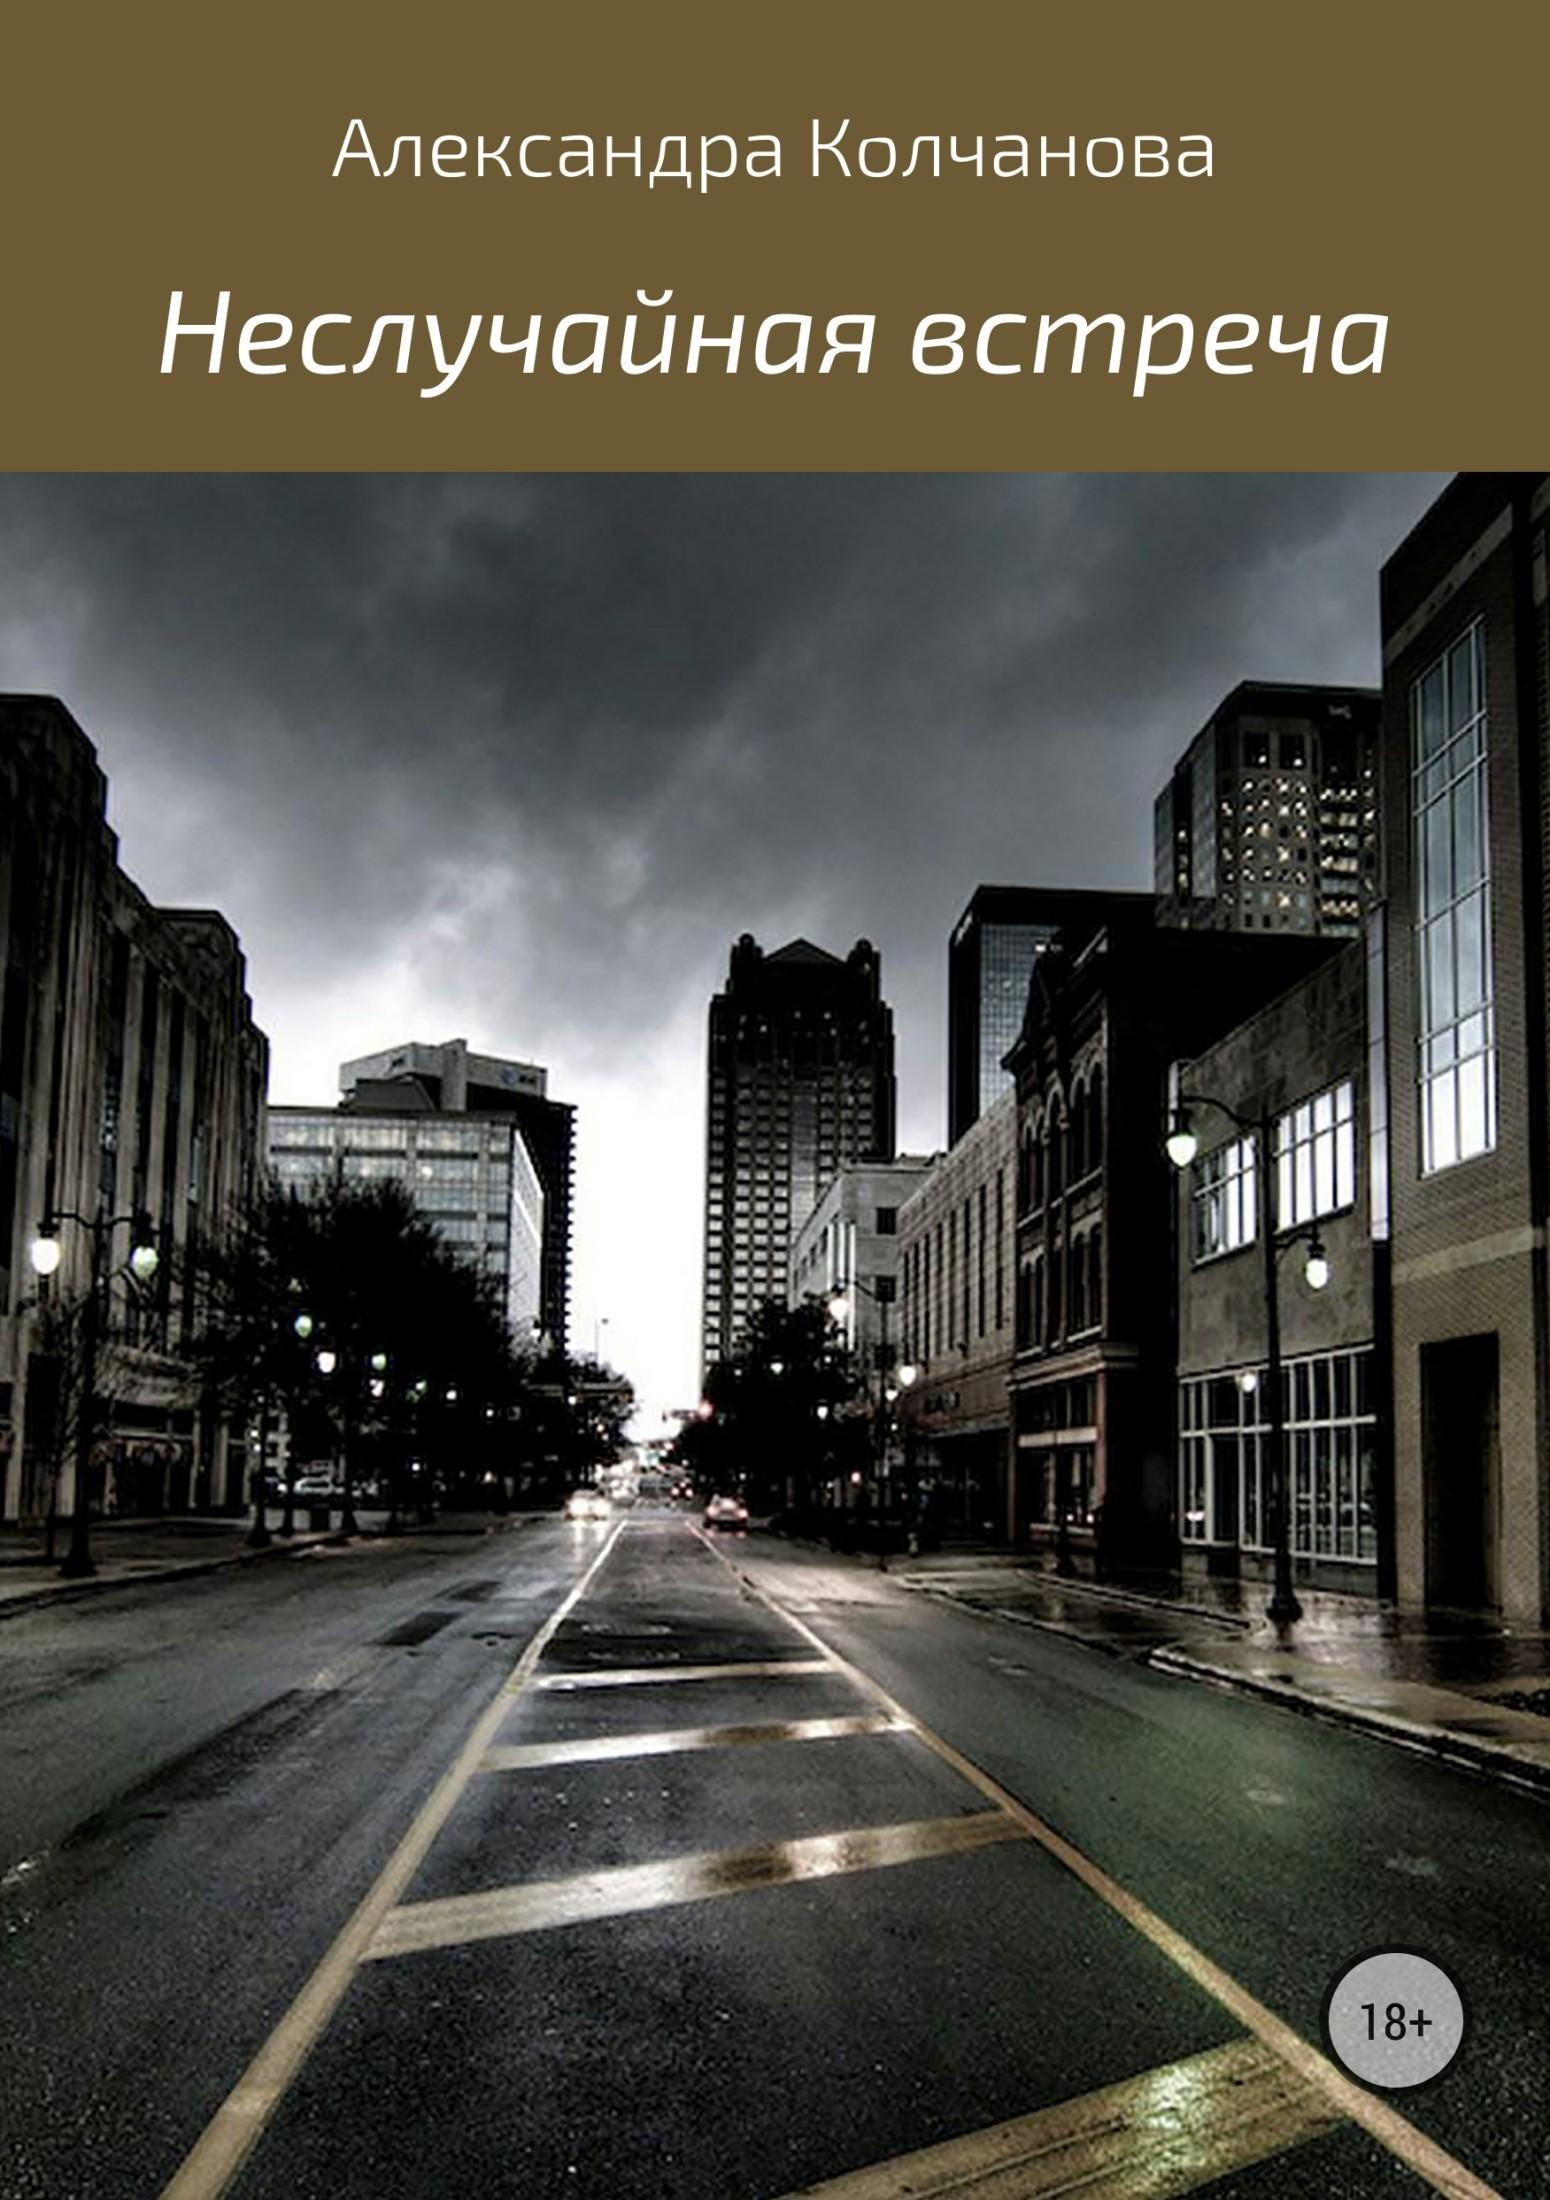 Александра Колчанова Неслучайная встреча